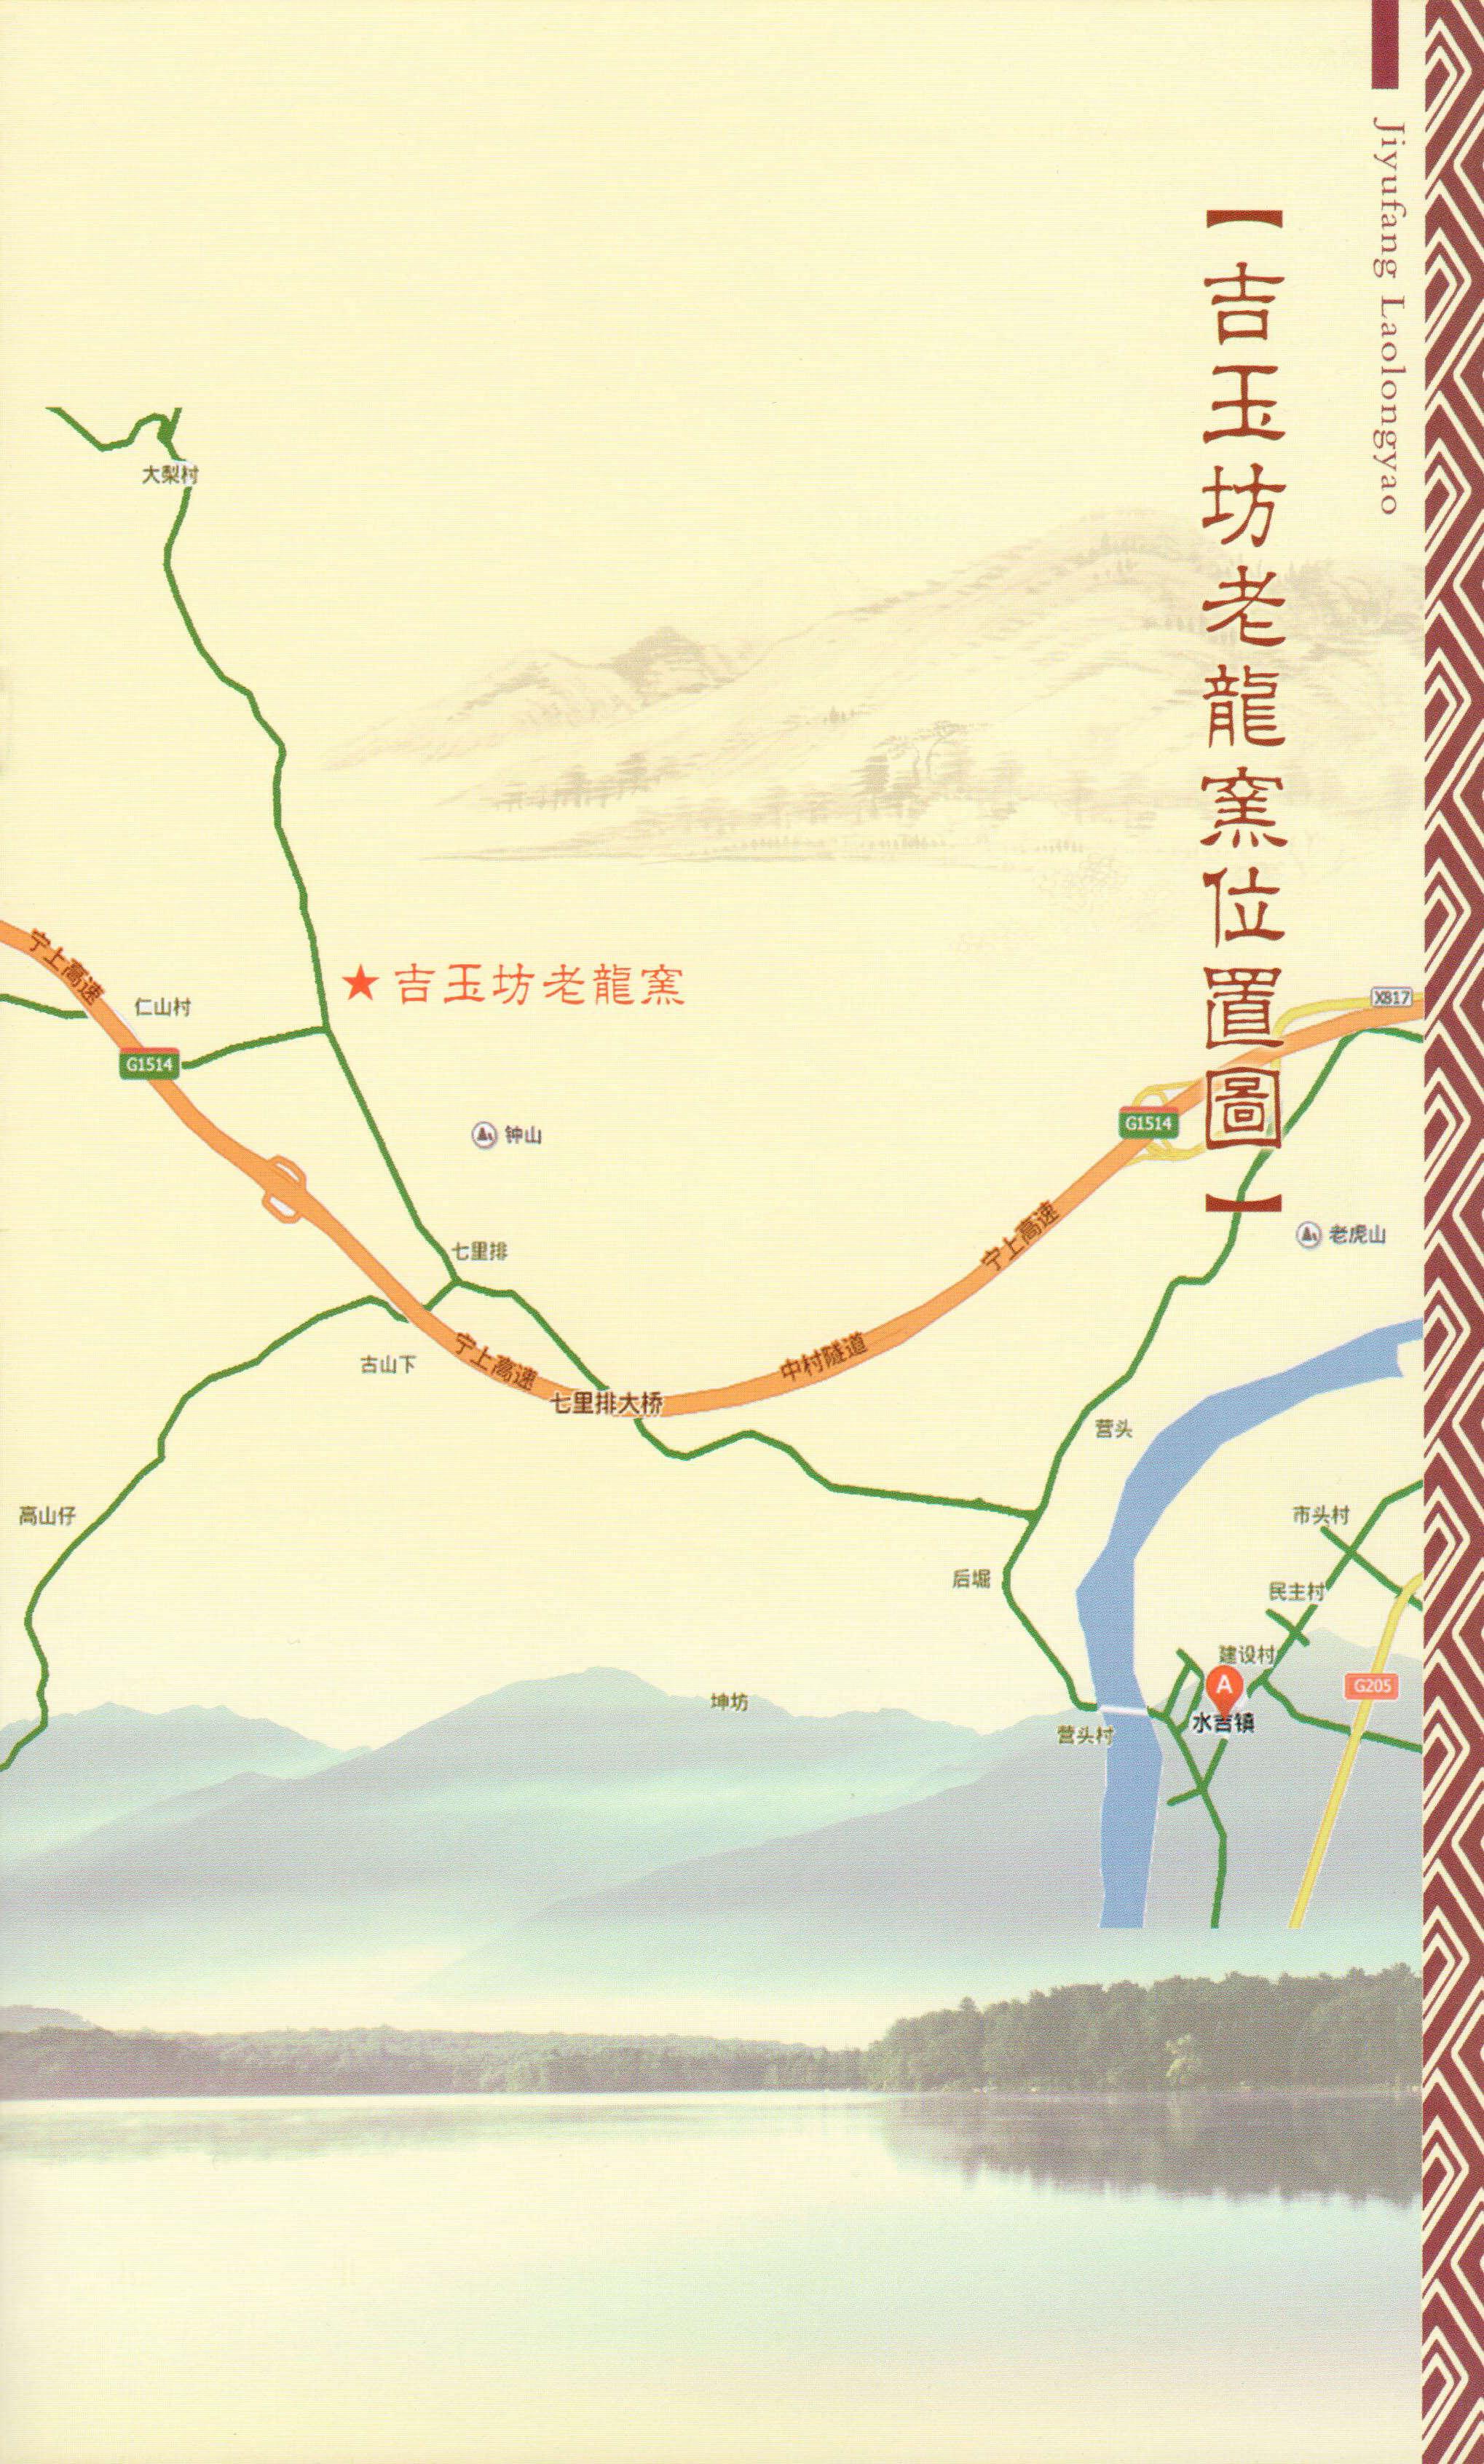 jiyufang_laolongyao-13